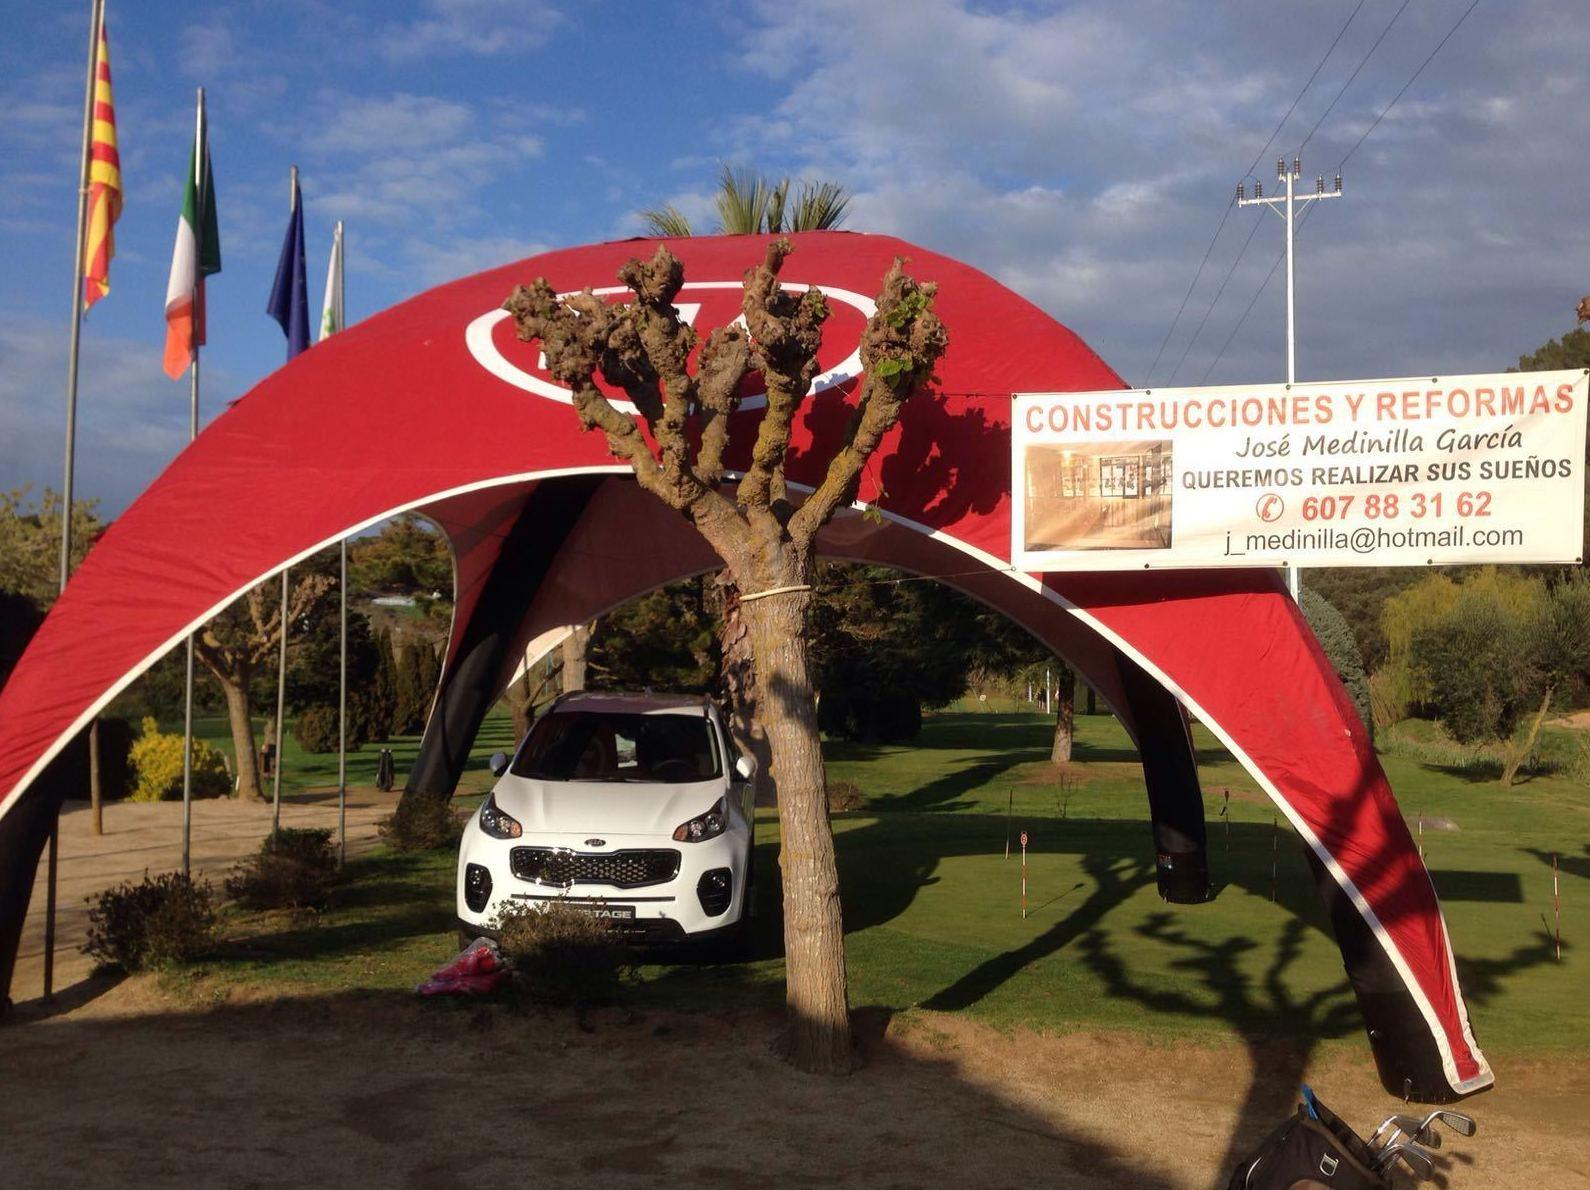 Empresa de construcciones y reformas en Premià de Mar